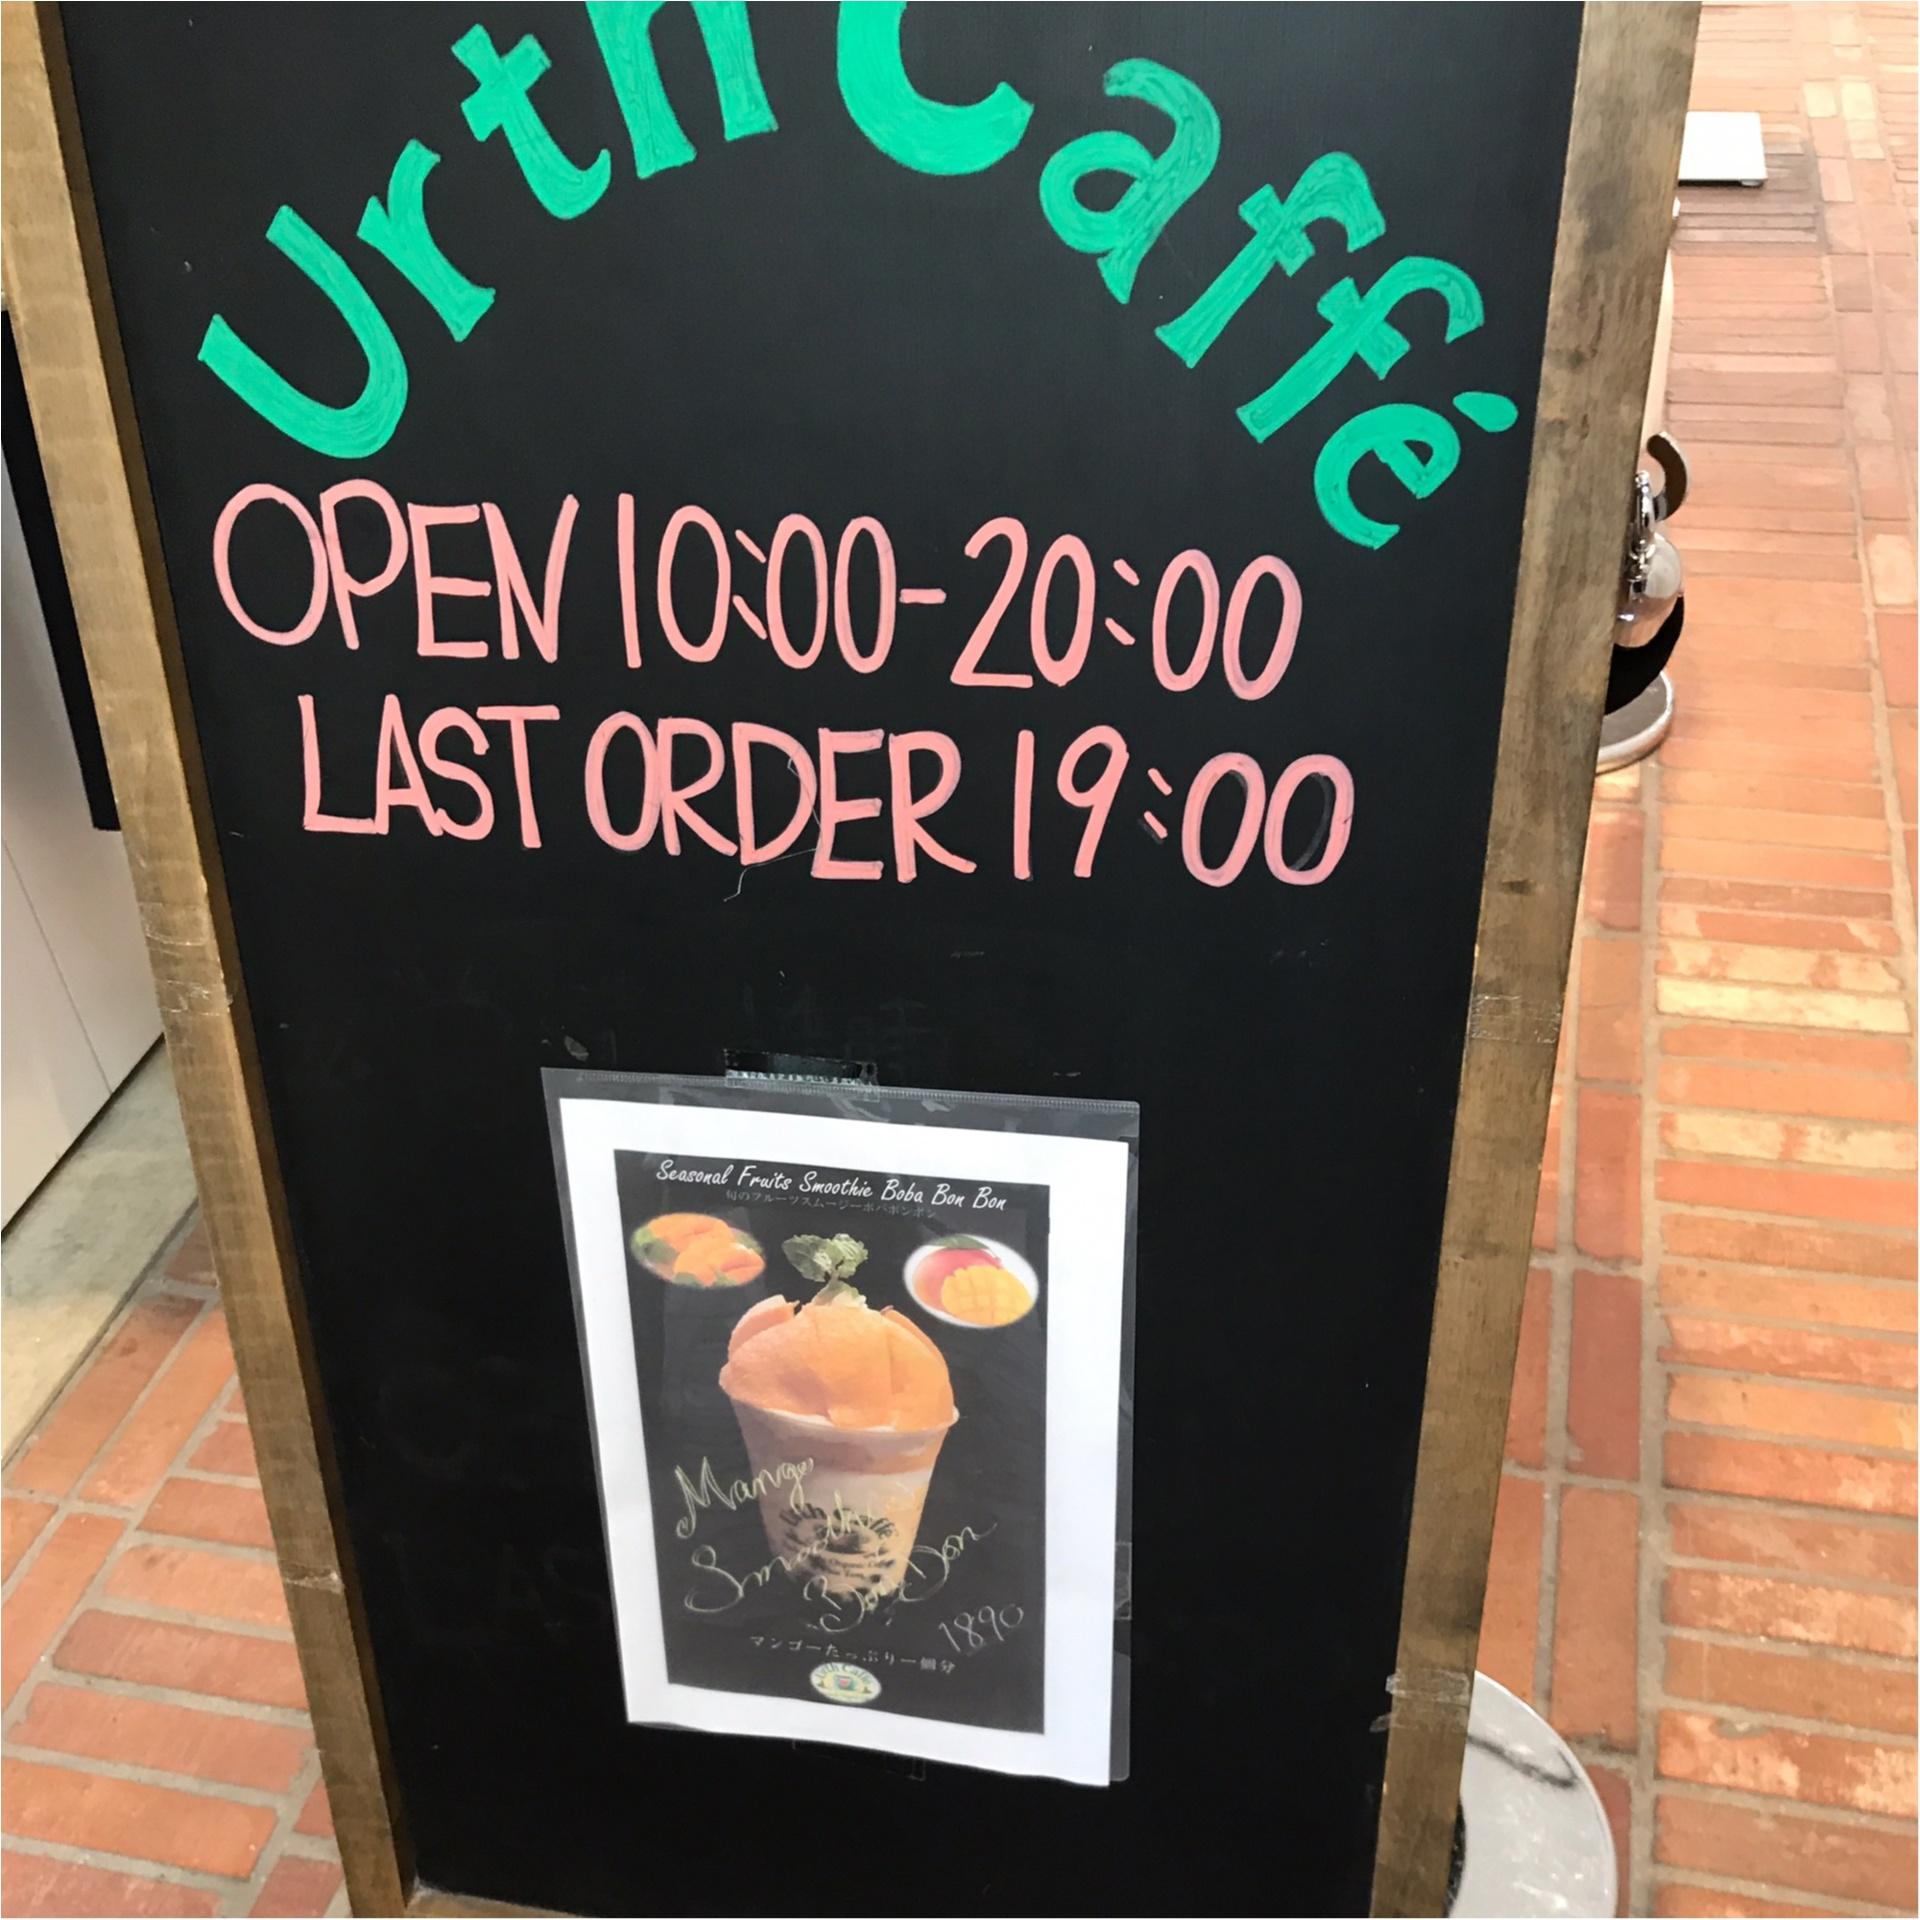 ★並んでも行きたい!モアハピ部地方組の私がどうしても行きたかった『Urth Cafe』はやっぱり可愛かった★_3